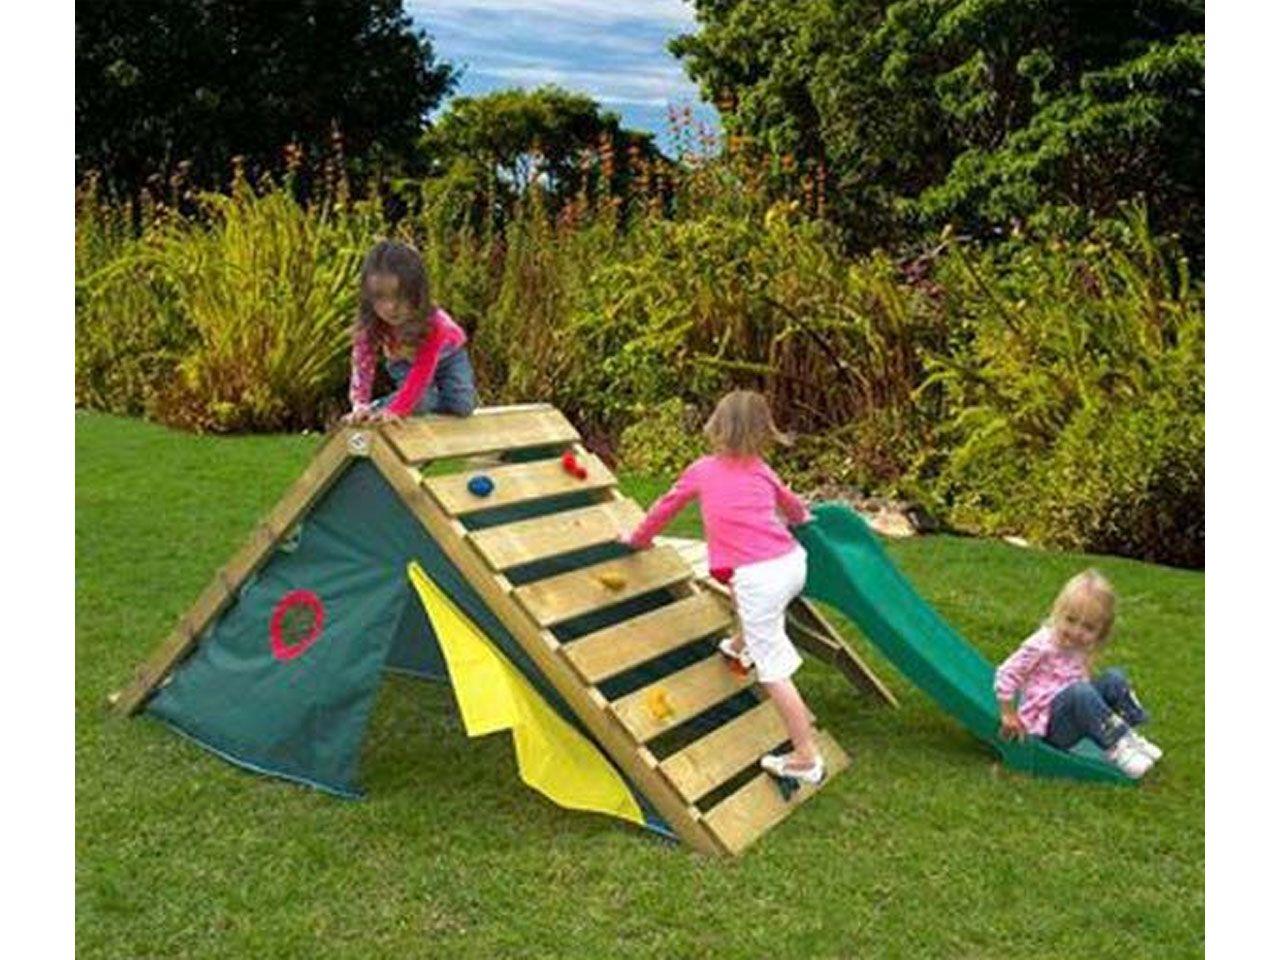 Las casas de palets para ni os m s divertidas palets for Casa infantil jardin